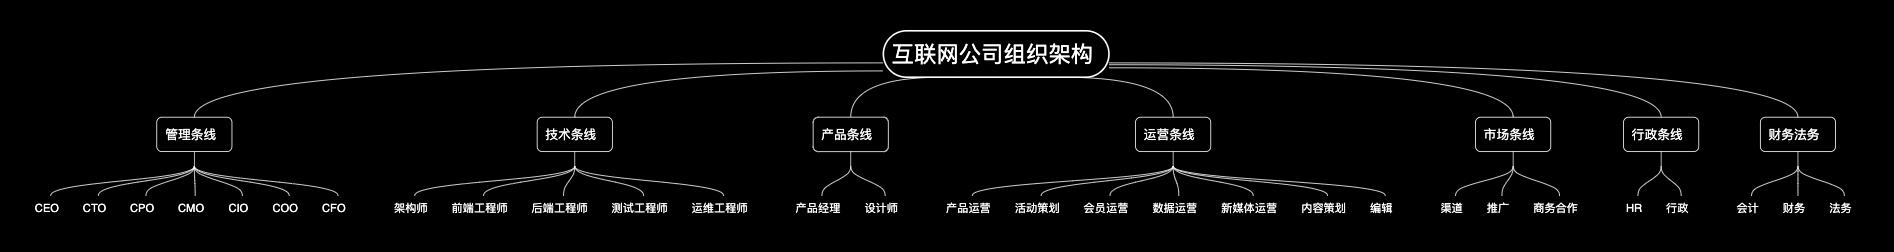 互联网公司组织架构